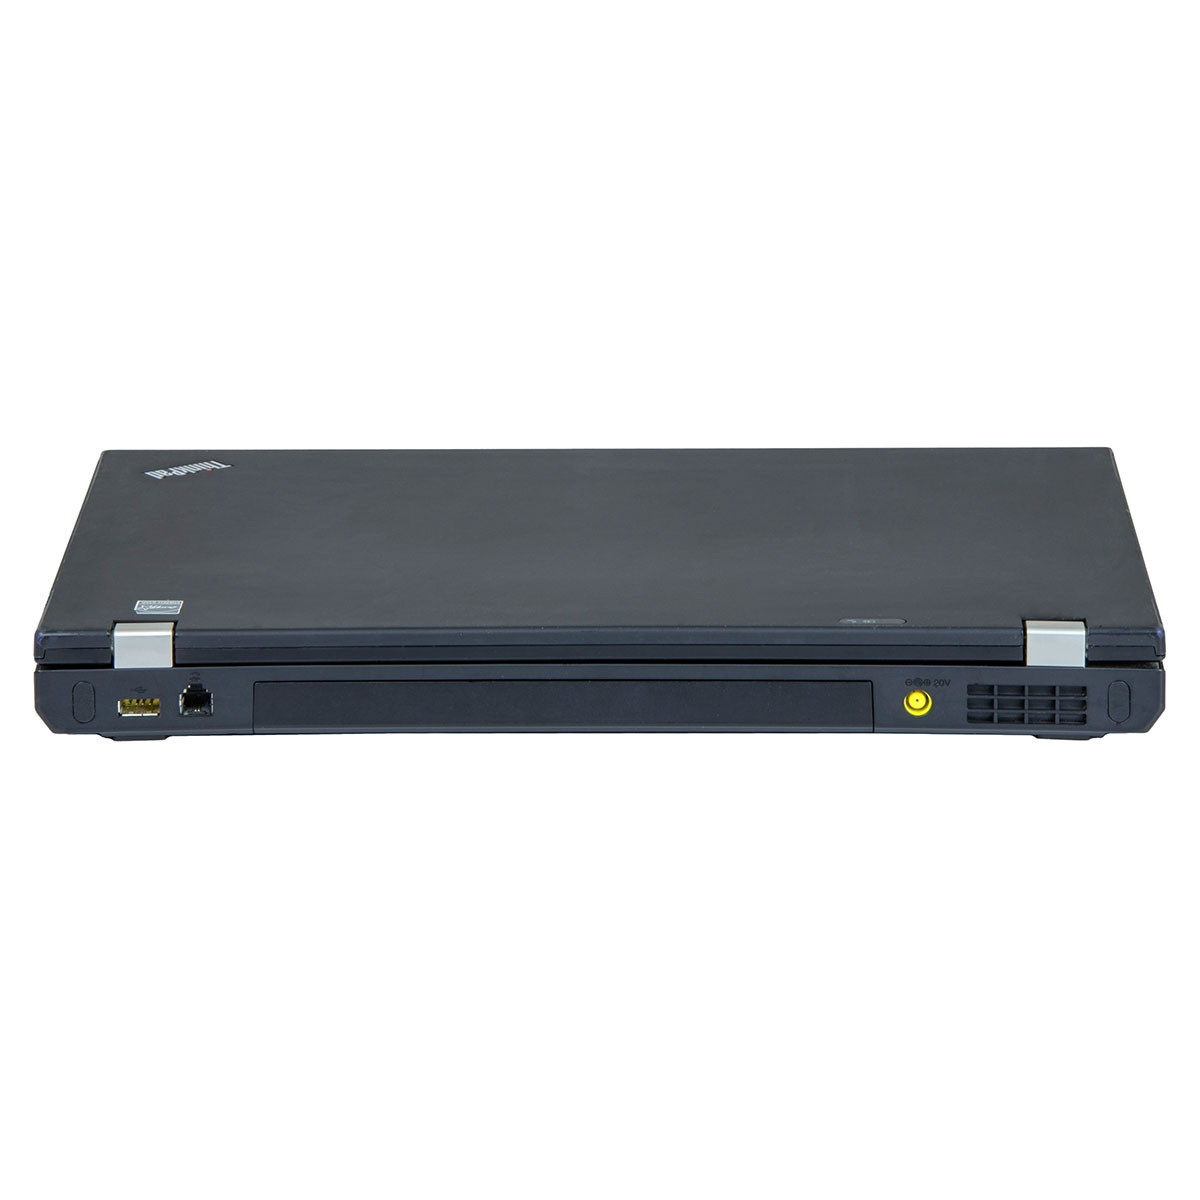 Lenovo ThinkPad T510 15 6 inch LED, Intel Core i7-620M 2 66 GHz, 4 GB DDR  3, 320 GB HDD, DVD-RW, Windows 10 Home MAR